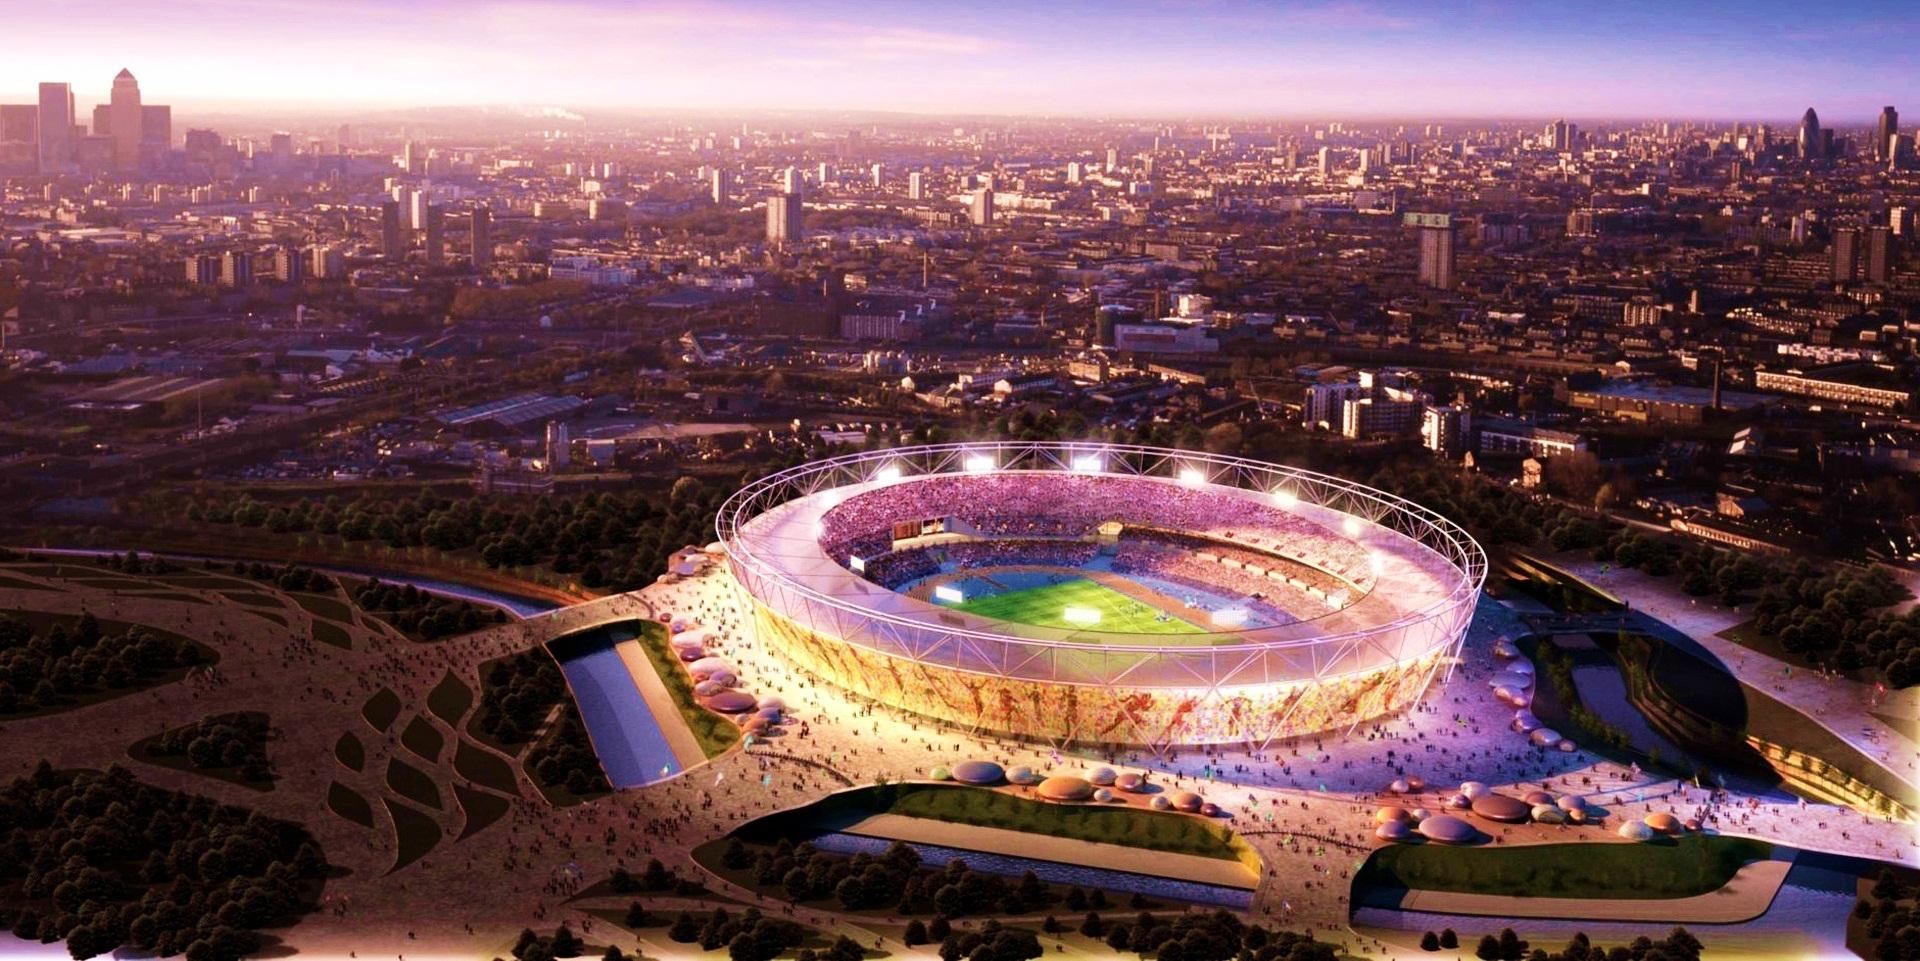 stadion-sochi-olimpiyskiy